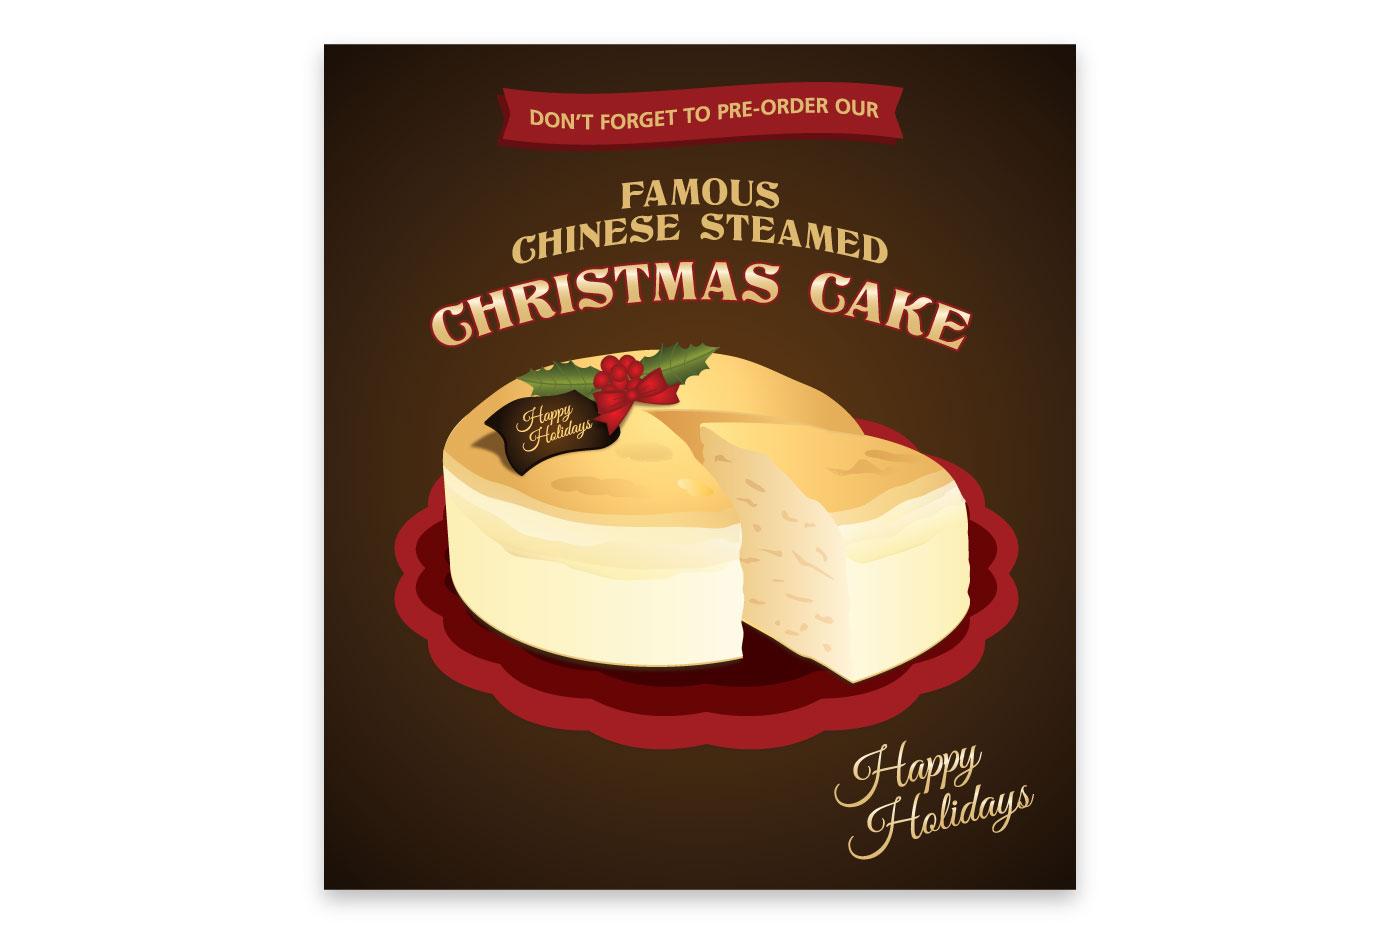 cake illustration poster